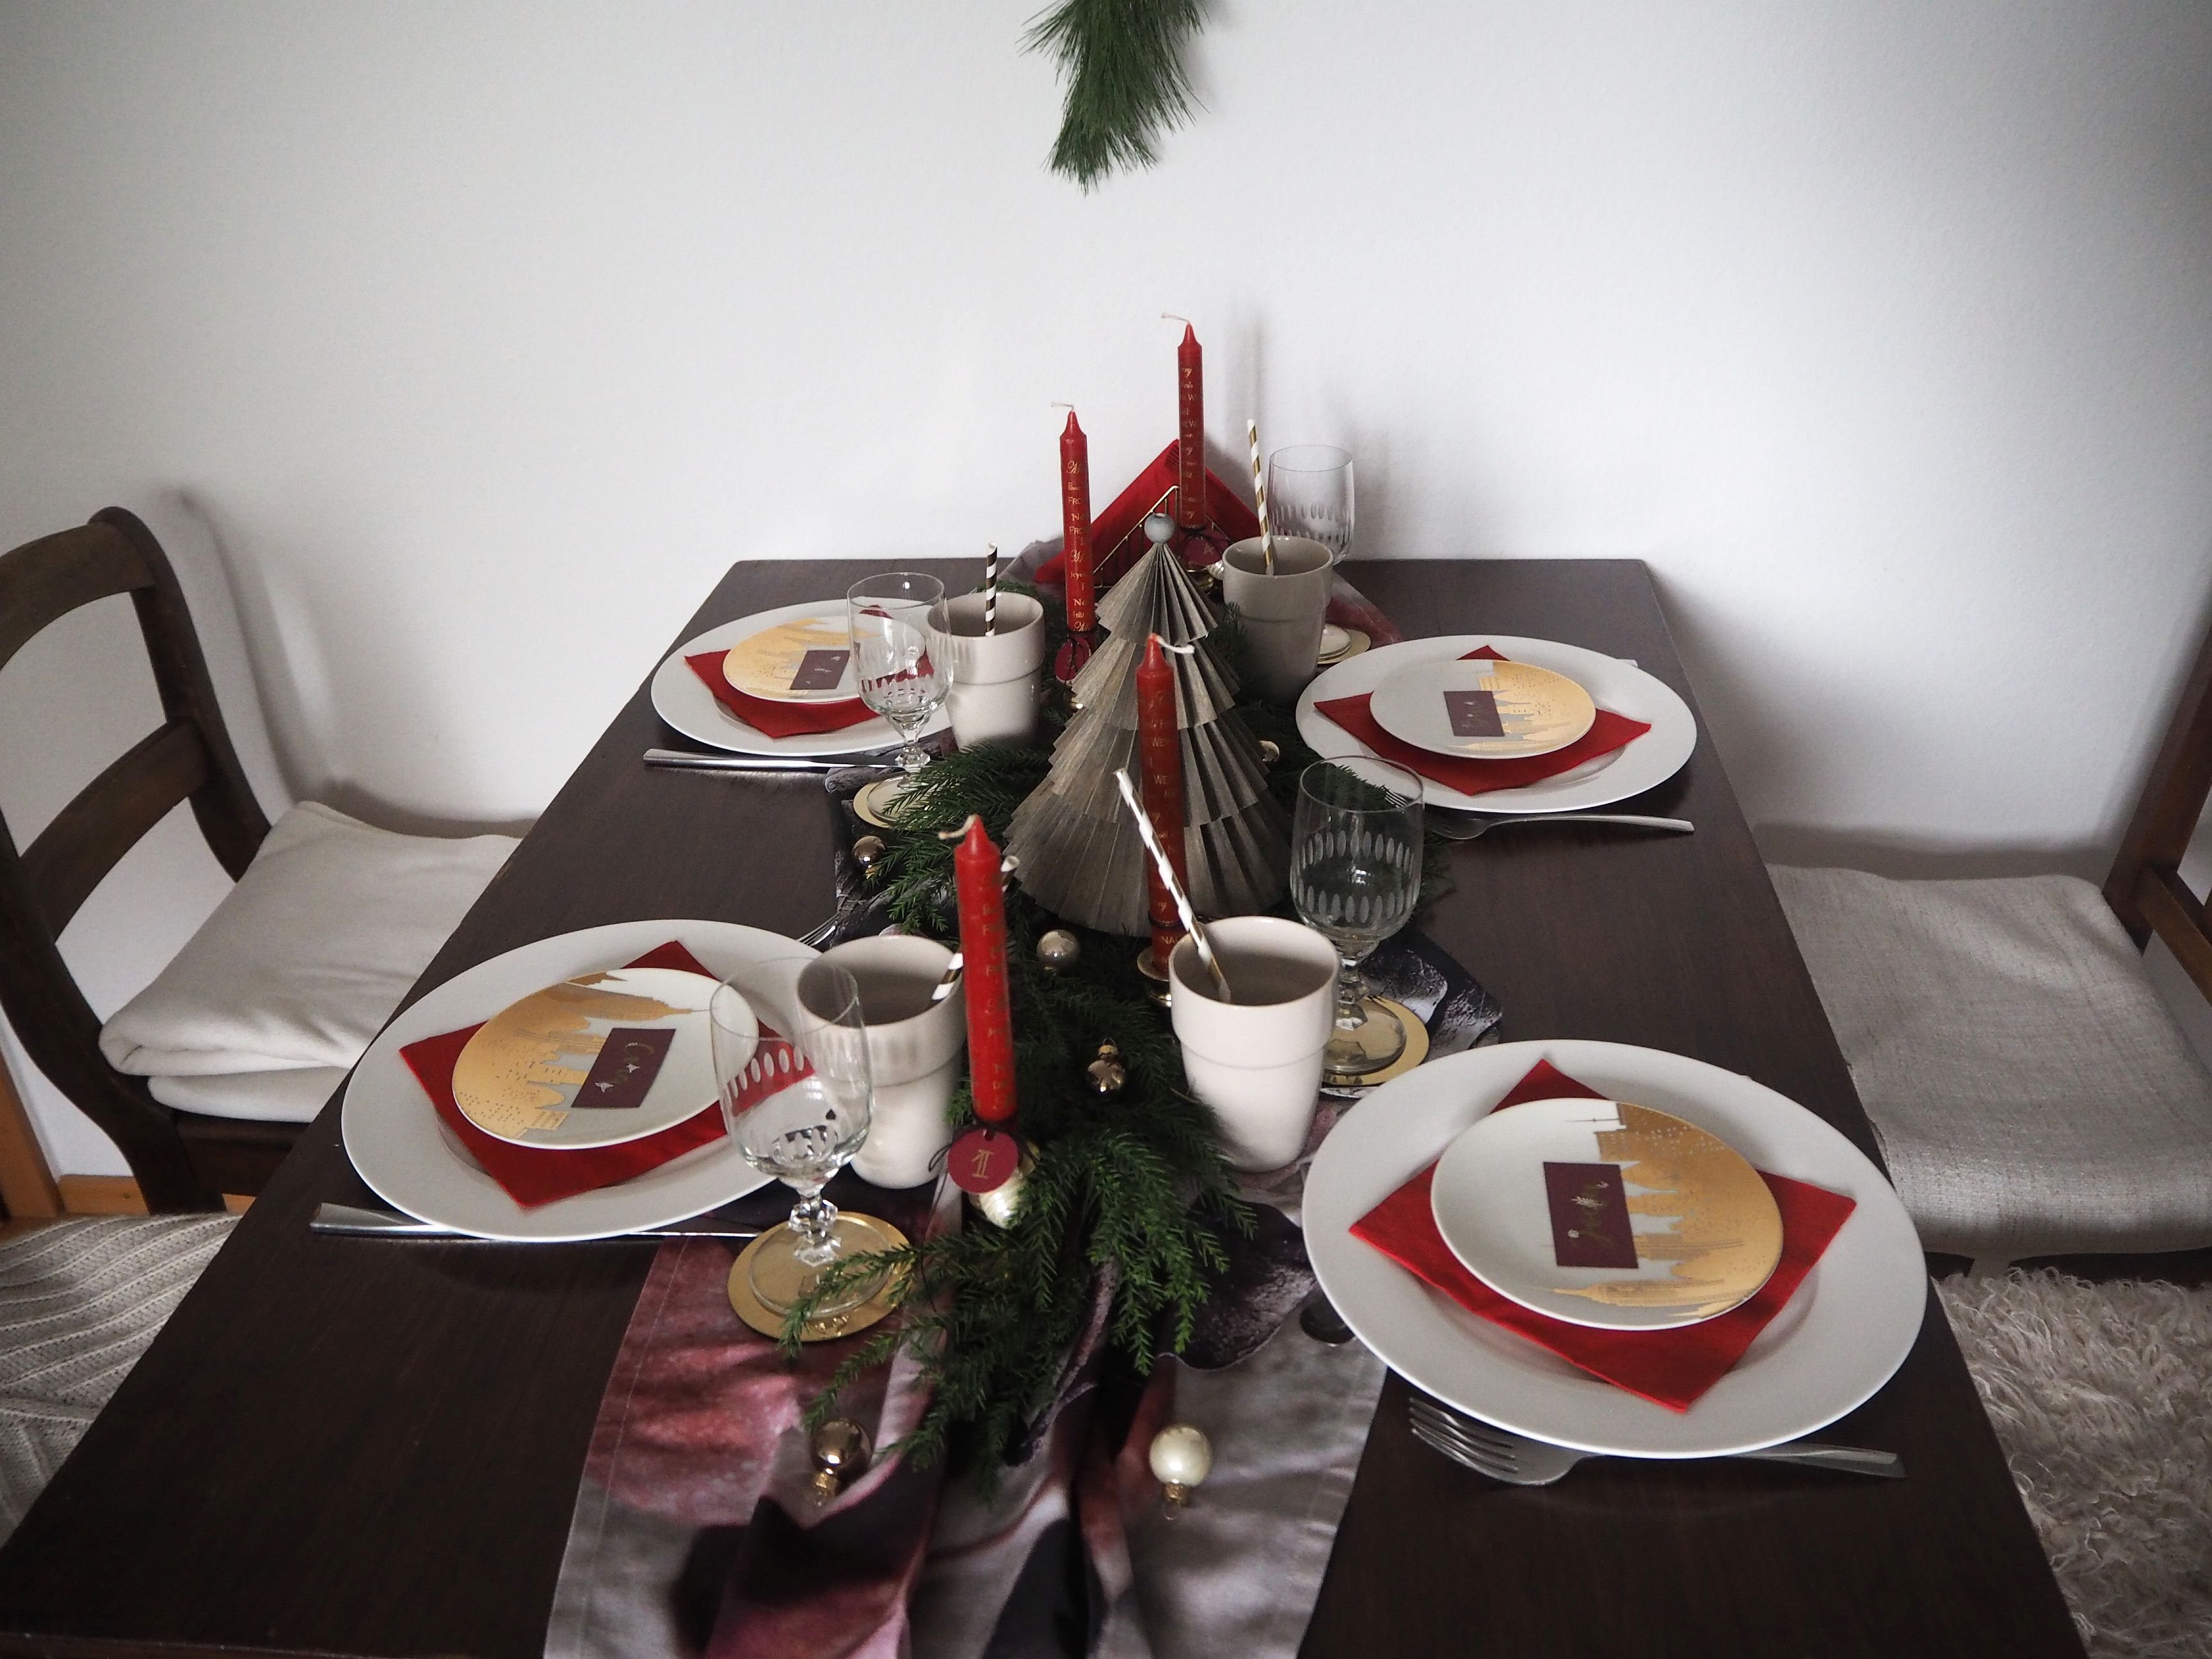 2017-12-skoen-och-kreativ-interior-tischdeko-klassisch-rot-weihnachtstisch (16)